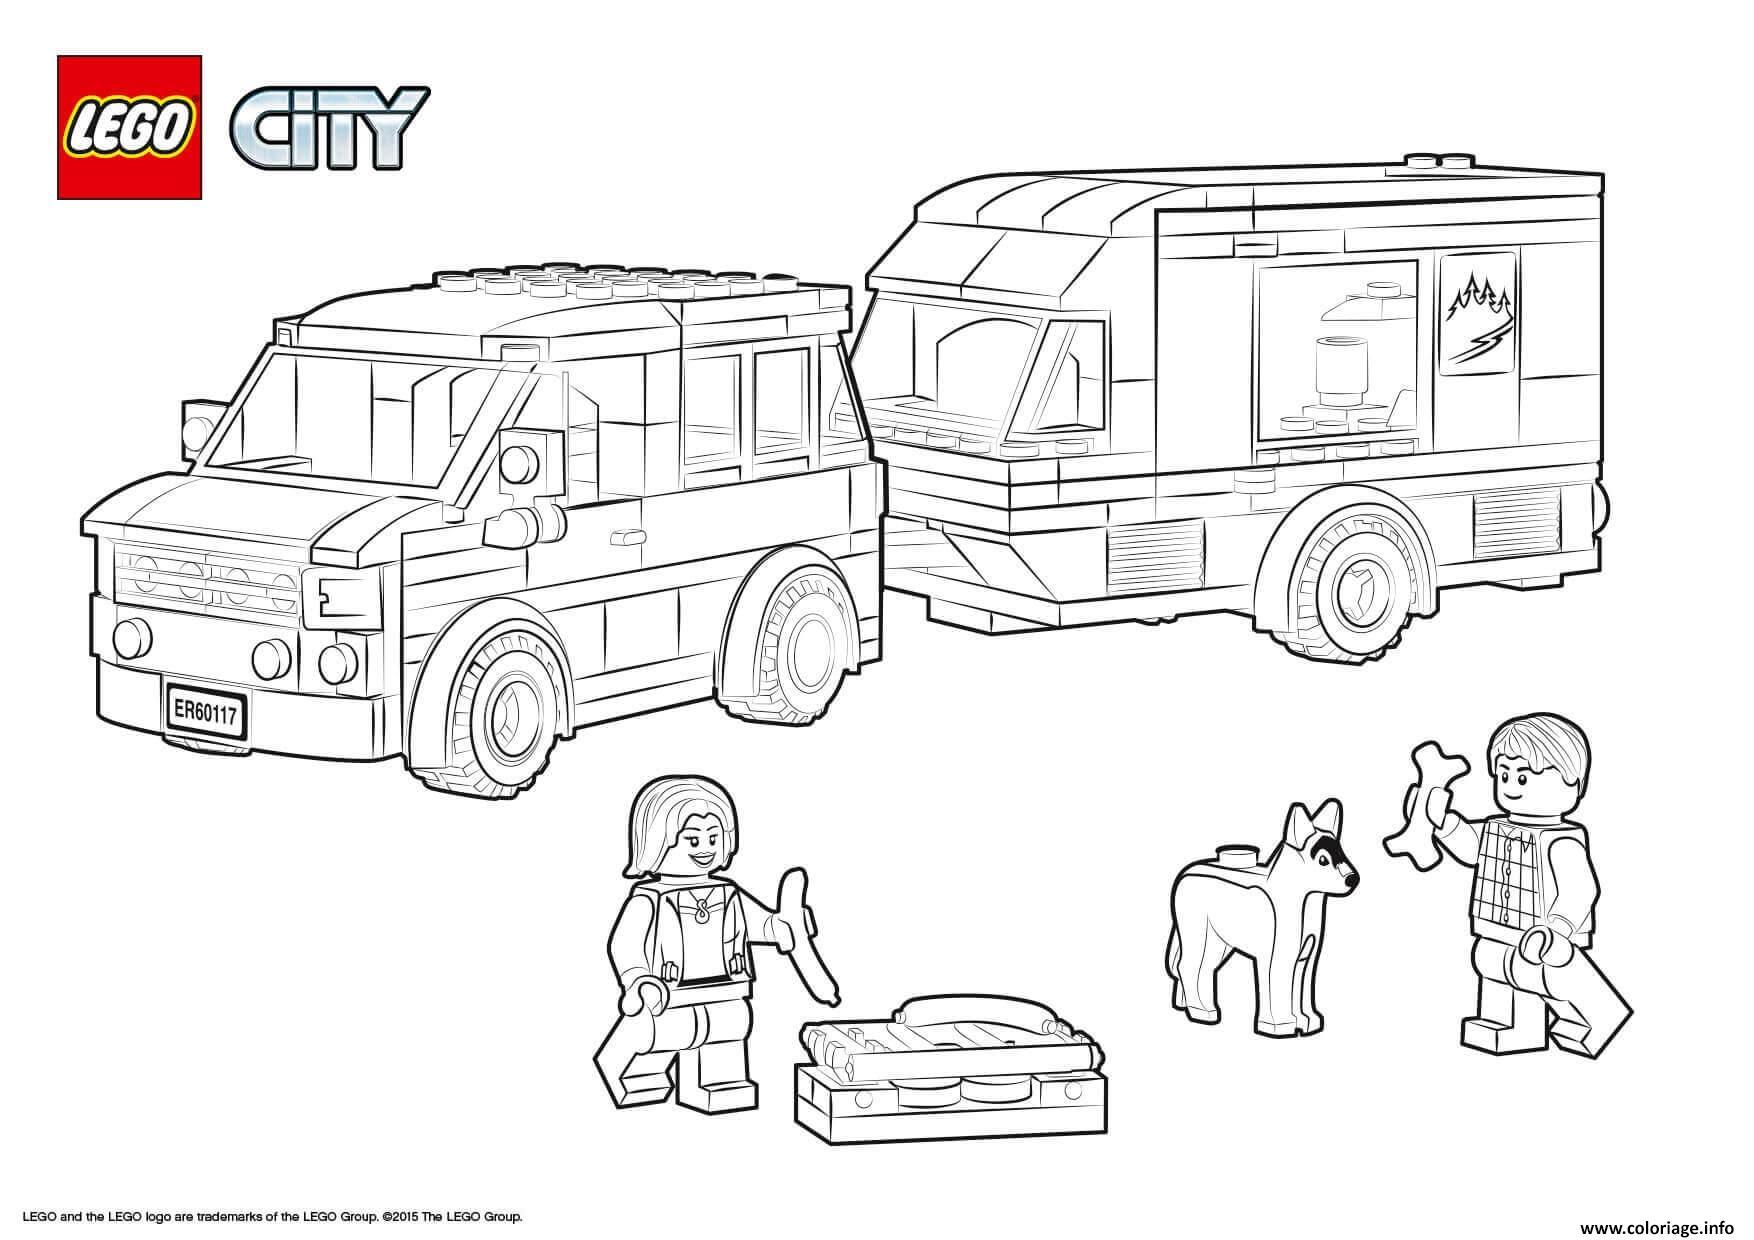 Coloriage Lego City Van And Caravan Dessin